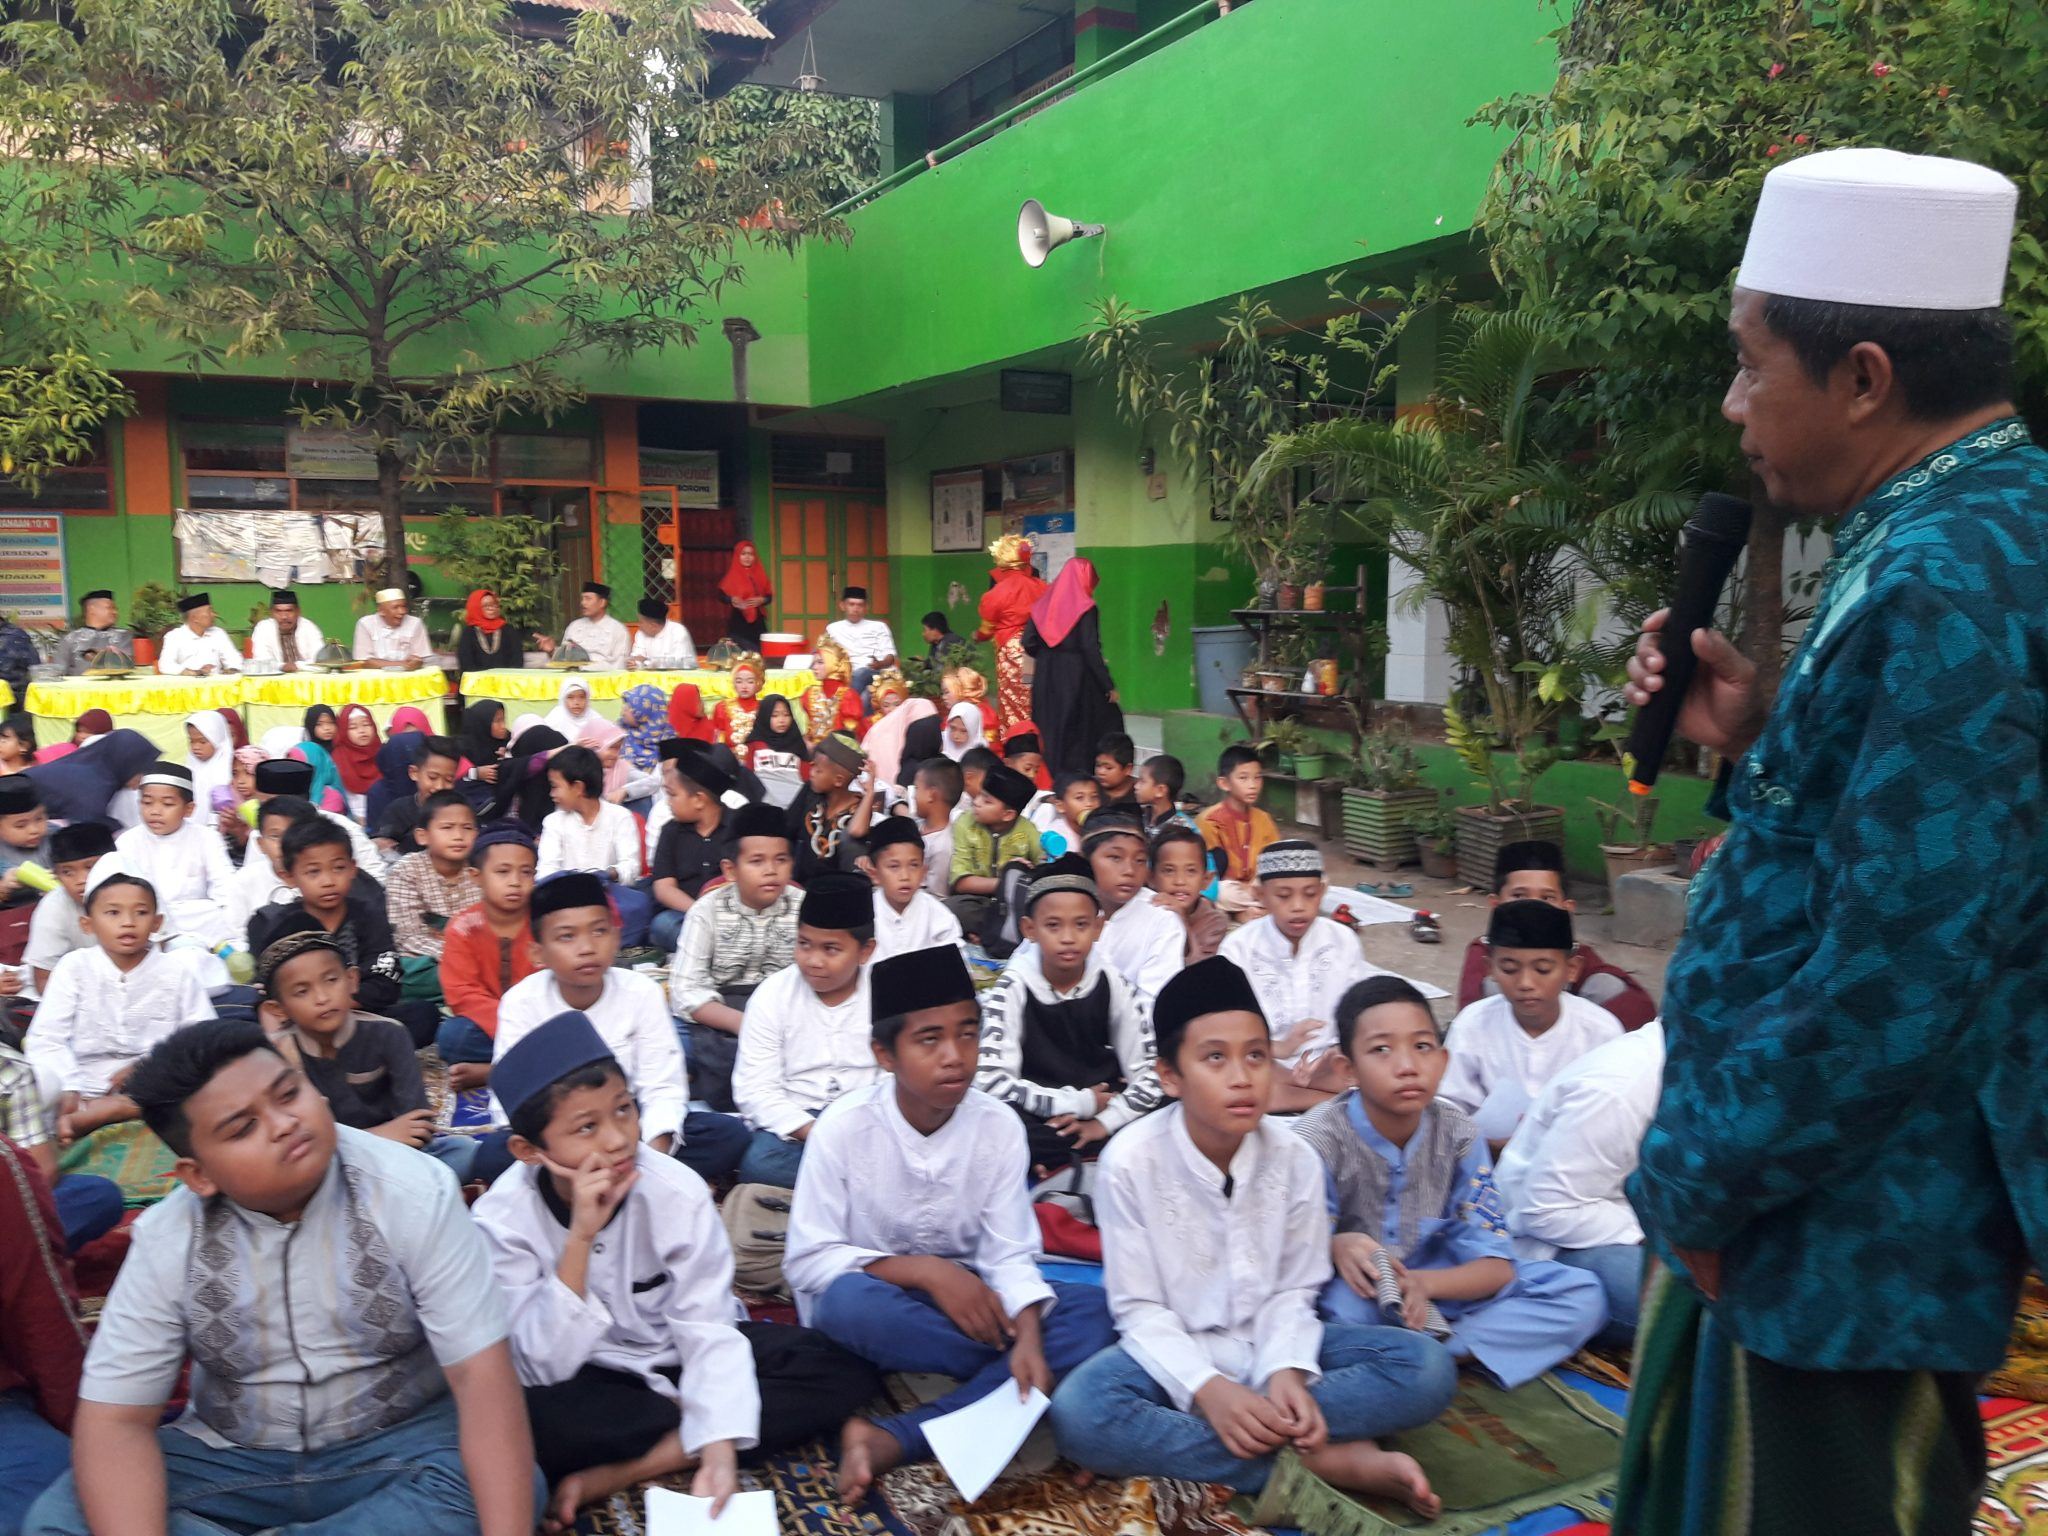 Pelepasan siswa kelas VI SD Negeri Borong, sederhana, penuh petuah dan hikmah